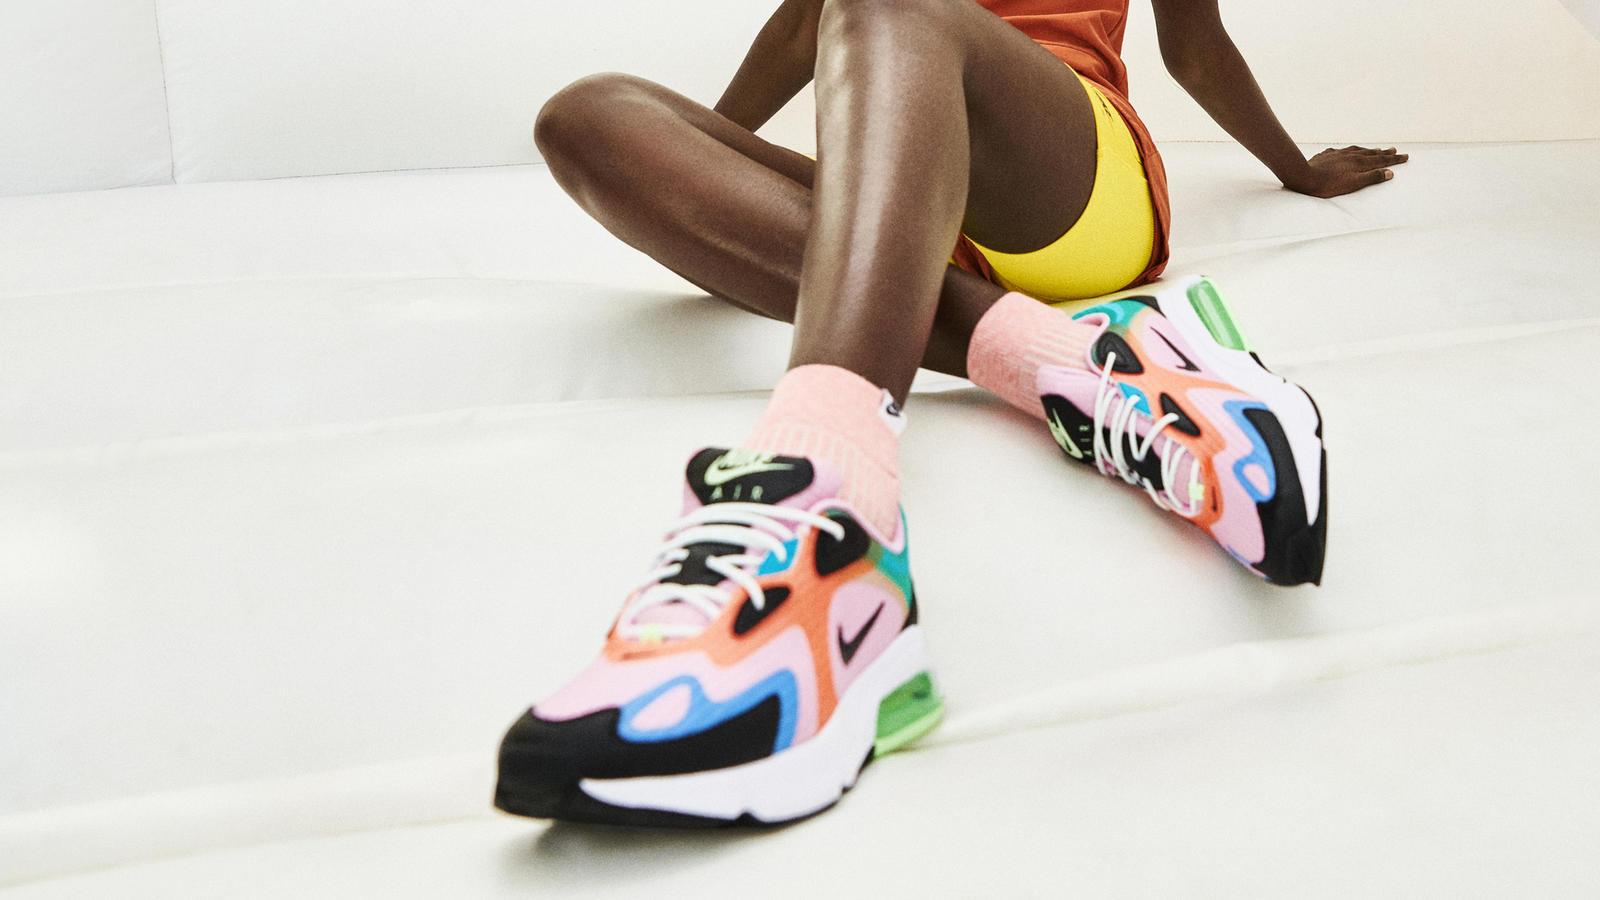 Nike Sportswear Vibrant Pack Air Max 200 Air Max 270 React Air Max Tailwind IV MX-720-818 Air Max 720 5